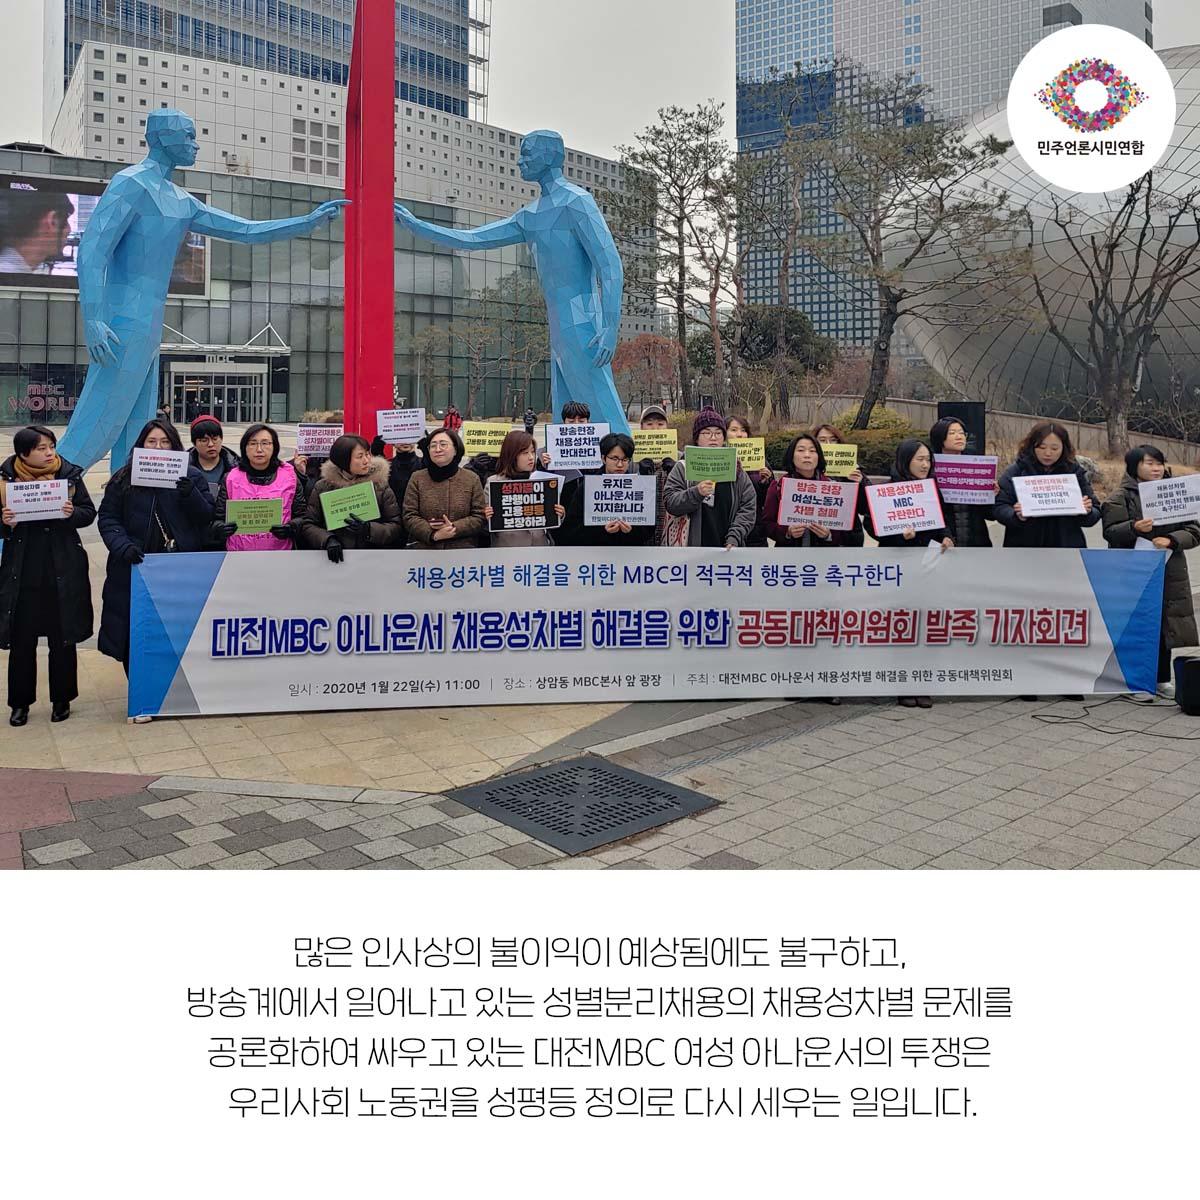 대전 MBC 채용 성차별-7.jpg